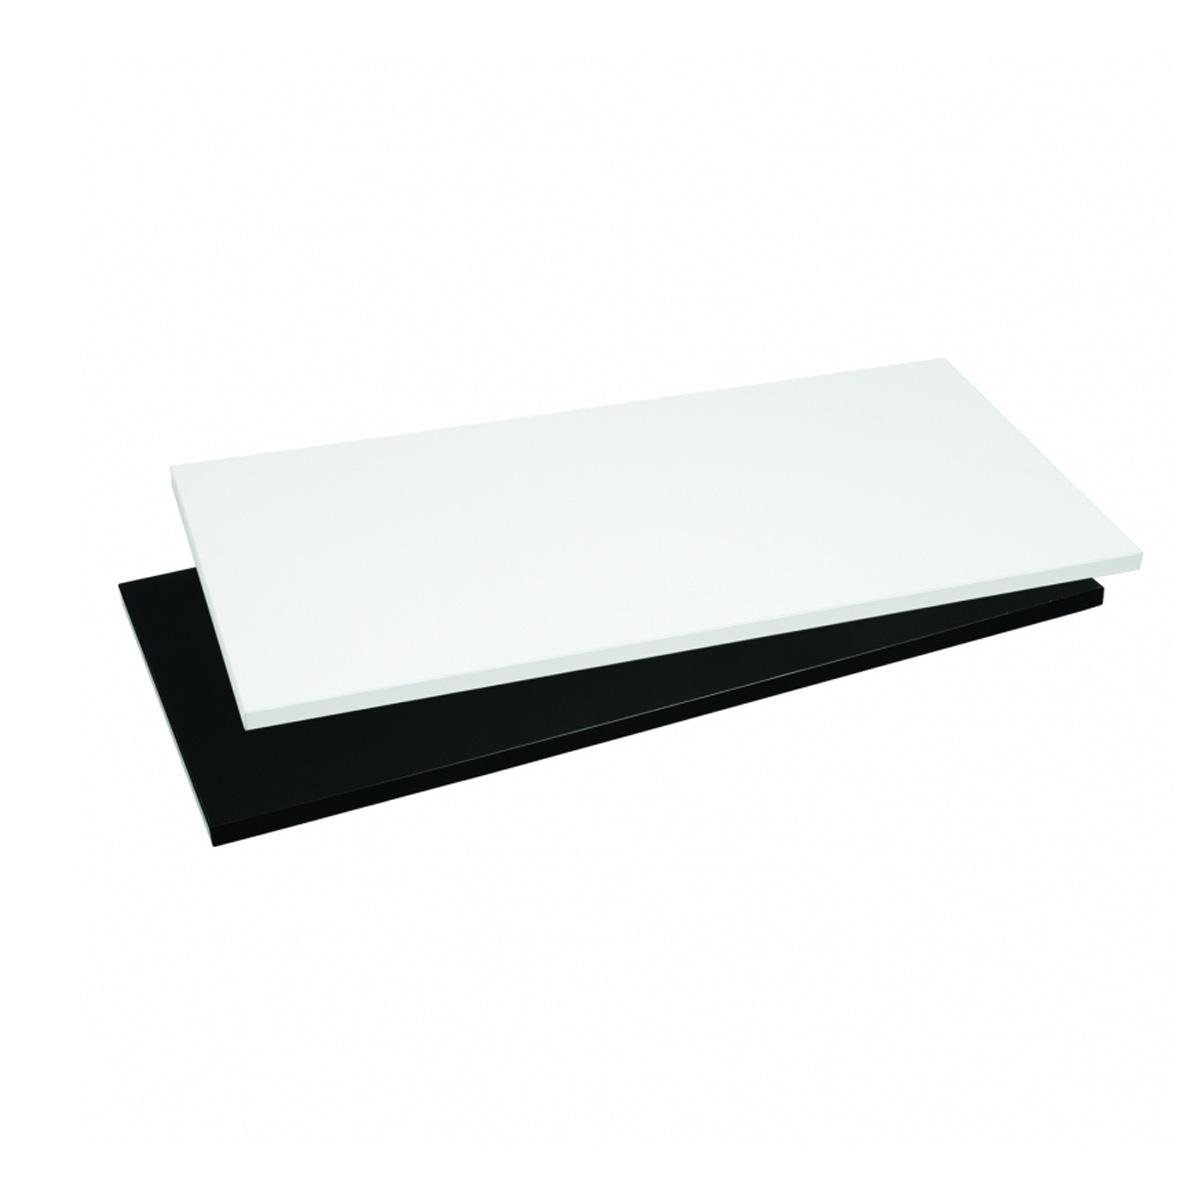 Holzfachboden Wandmodul breit weiß